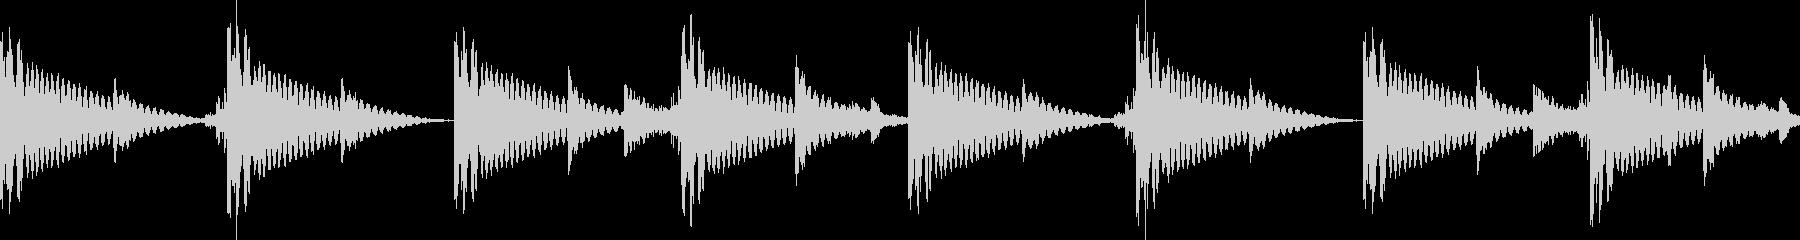 BPM128EDMリズムループの未再生の波形